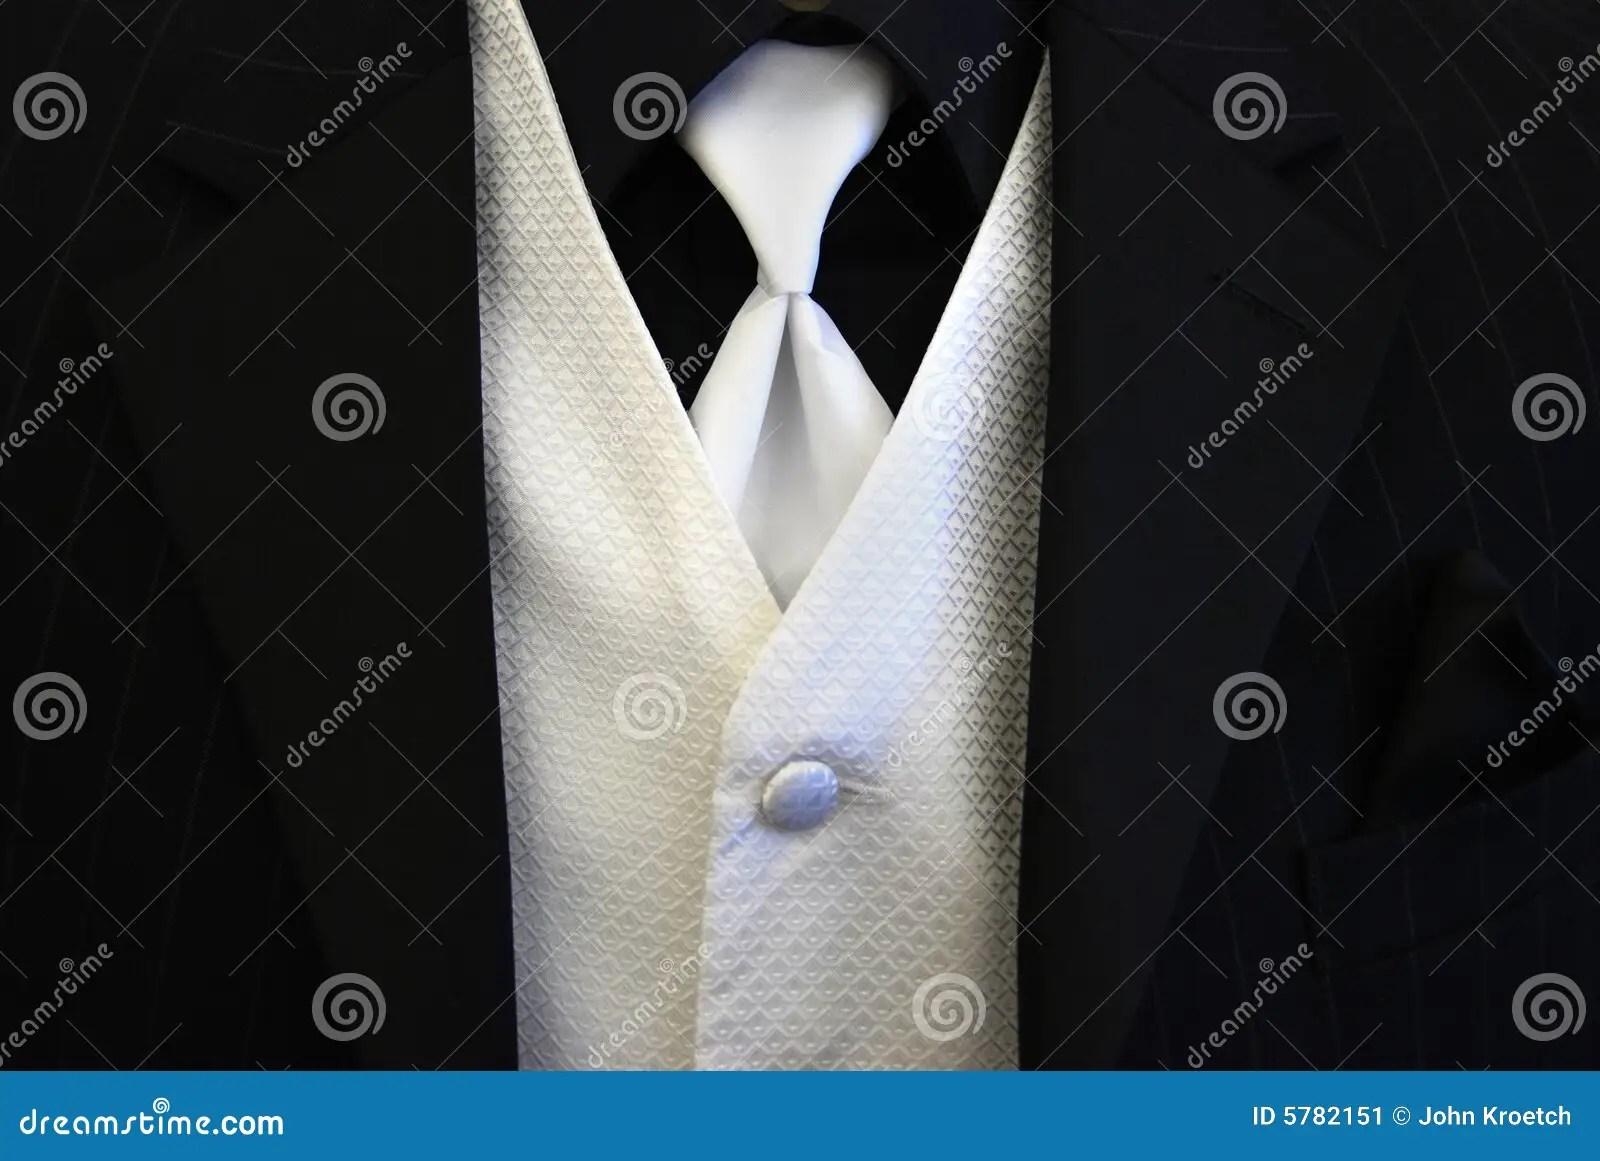 Black Tuxedo White Tie And Vest Stock Image